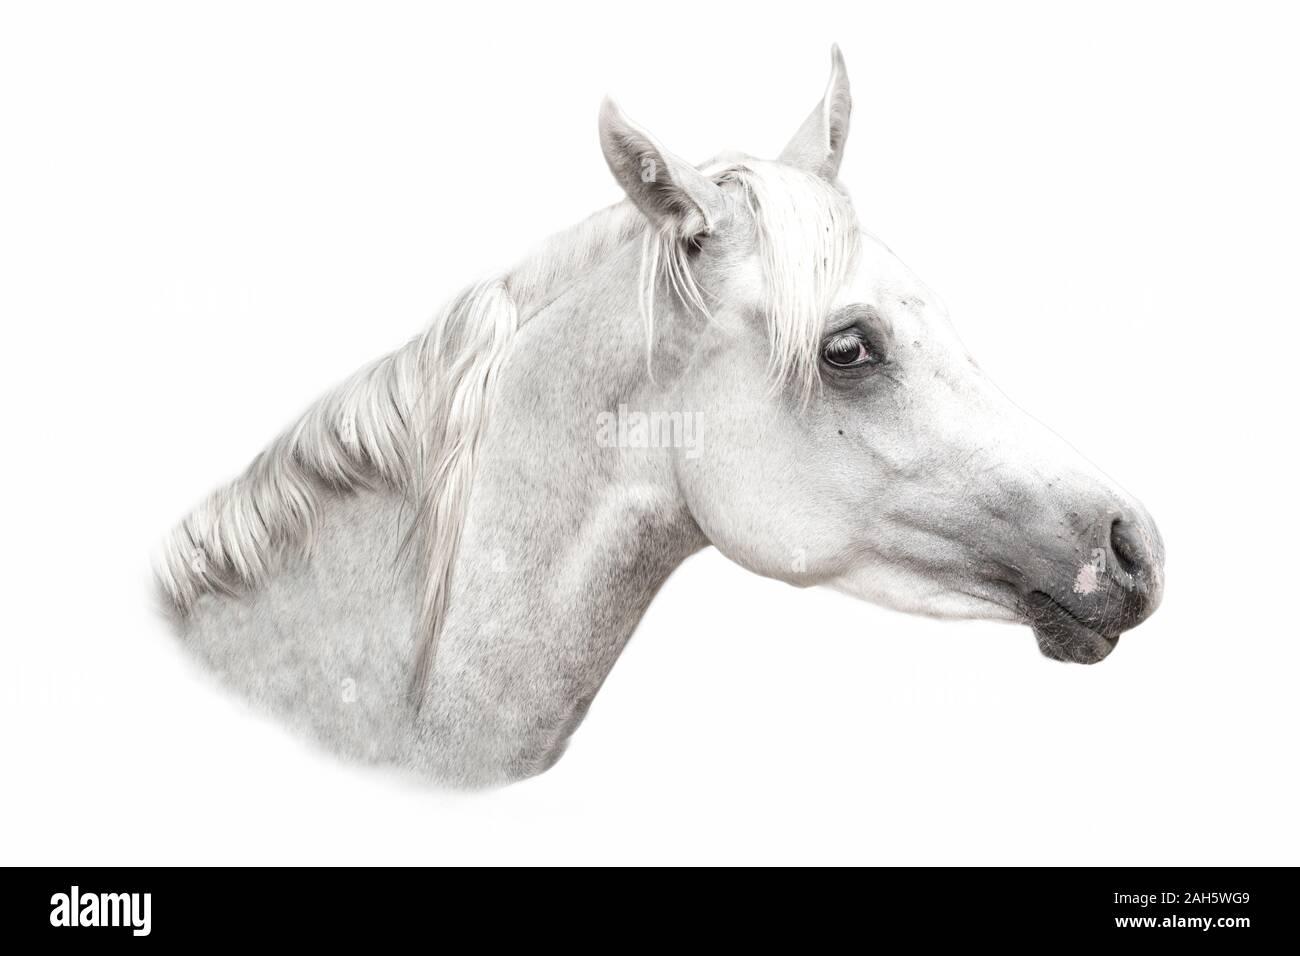 Arabian White Horse Portrait Isolated On White Stock Photo Alamy